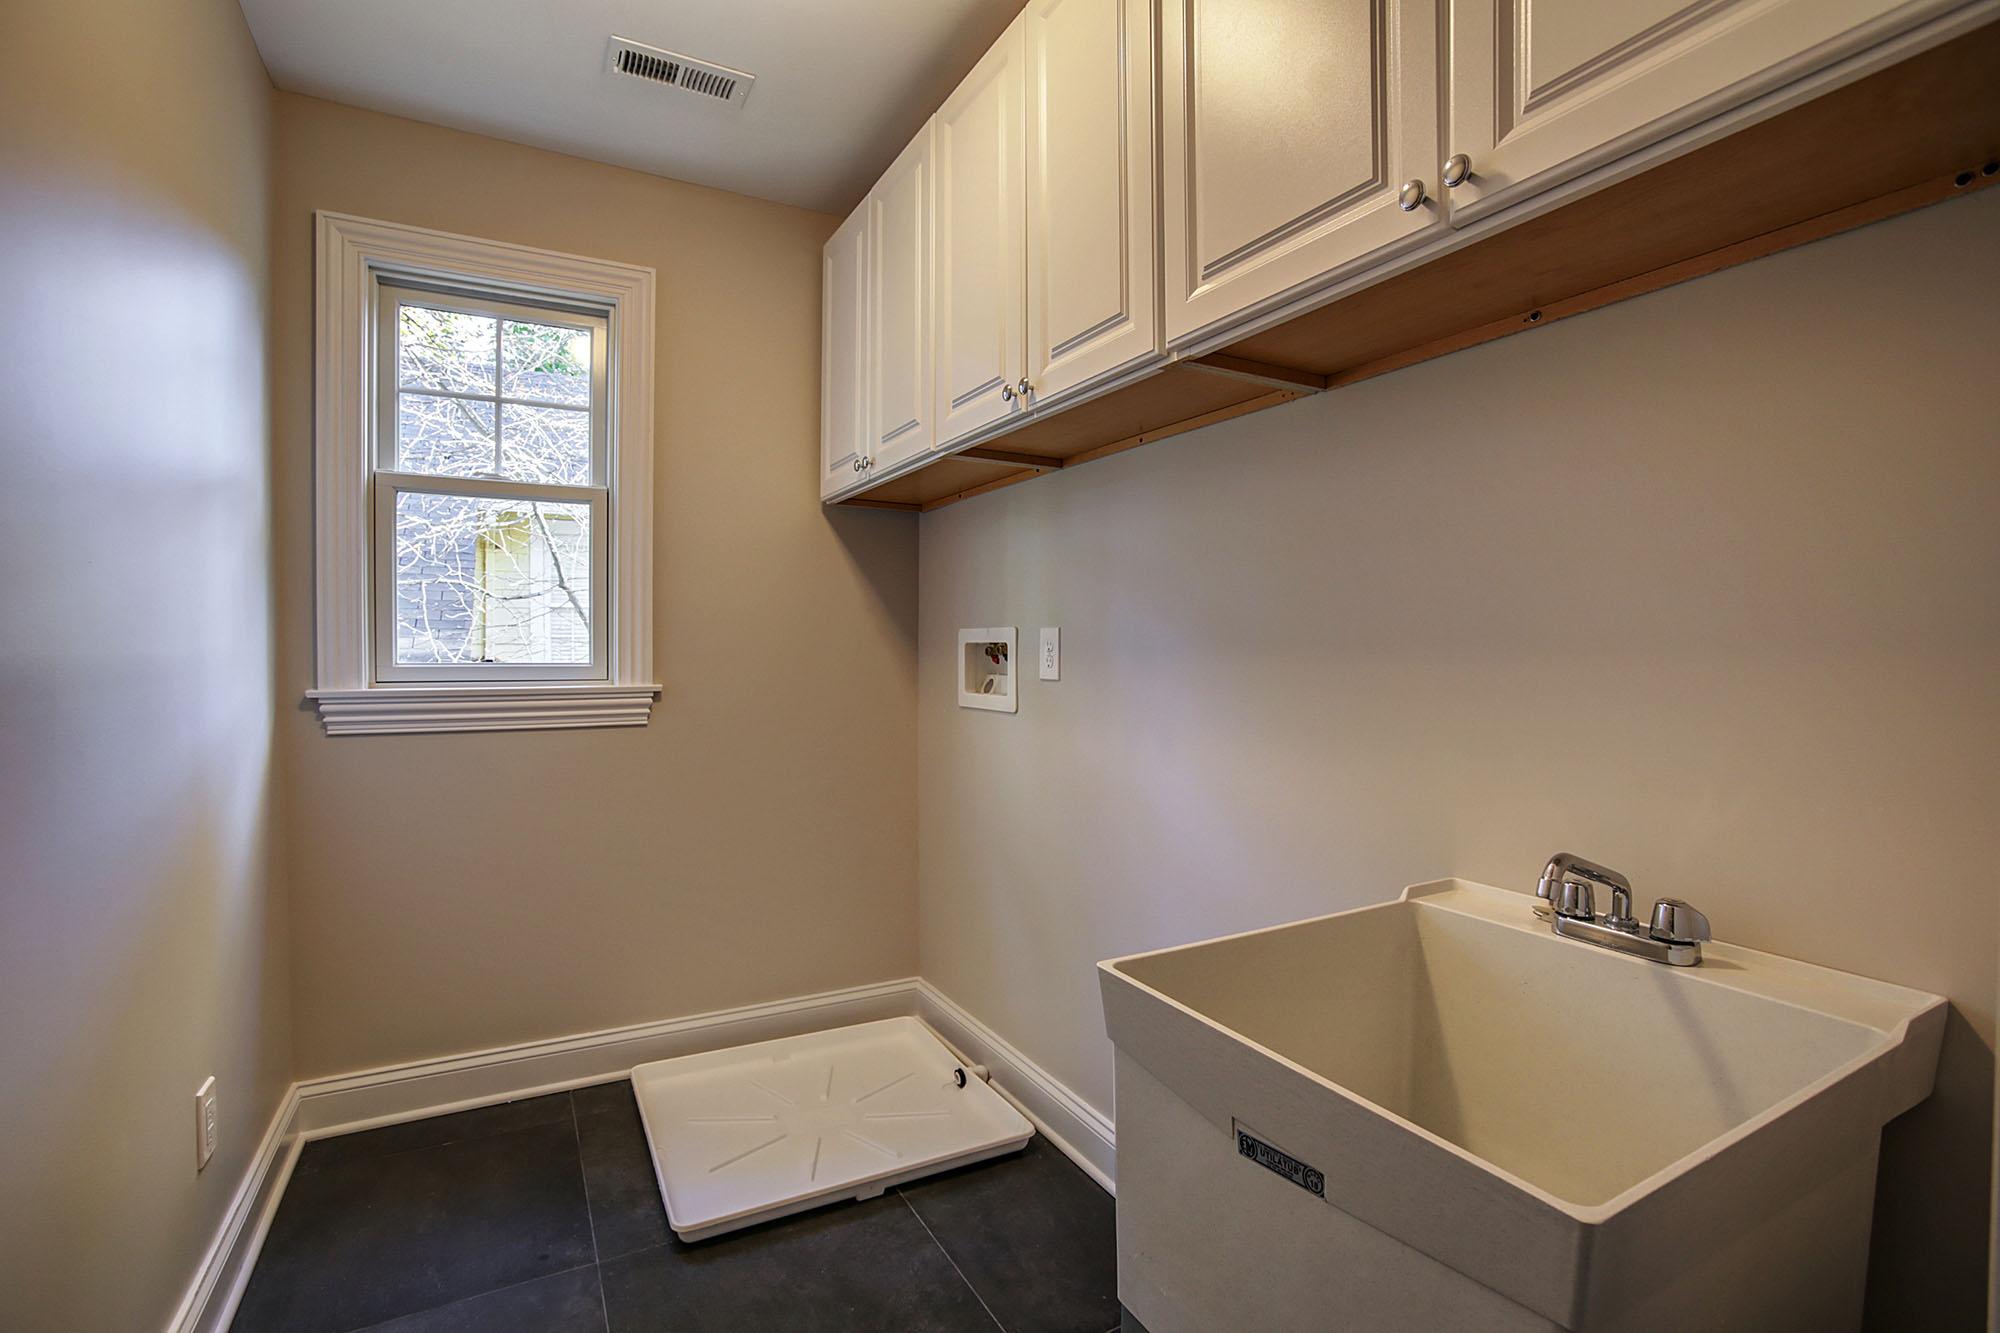 648 Maple Laundry Room